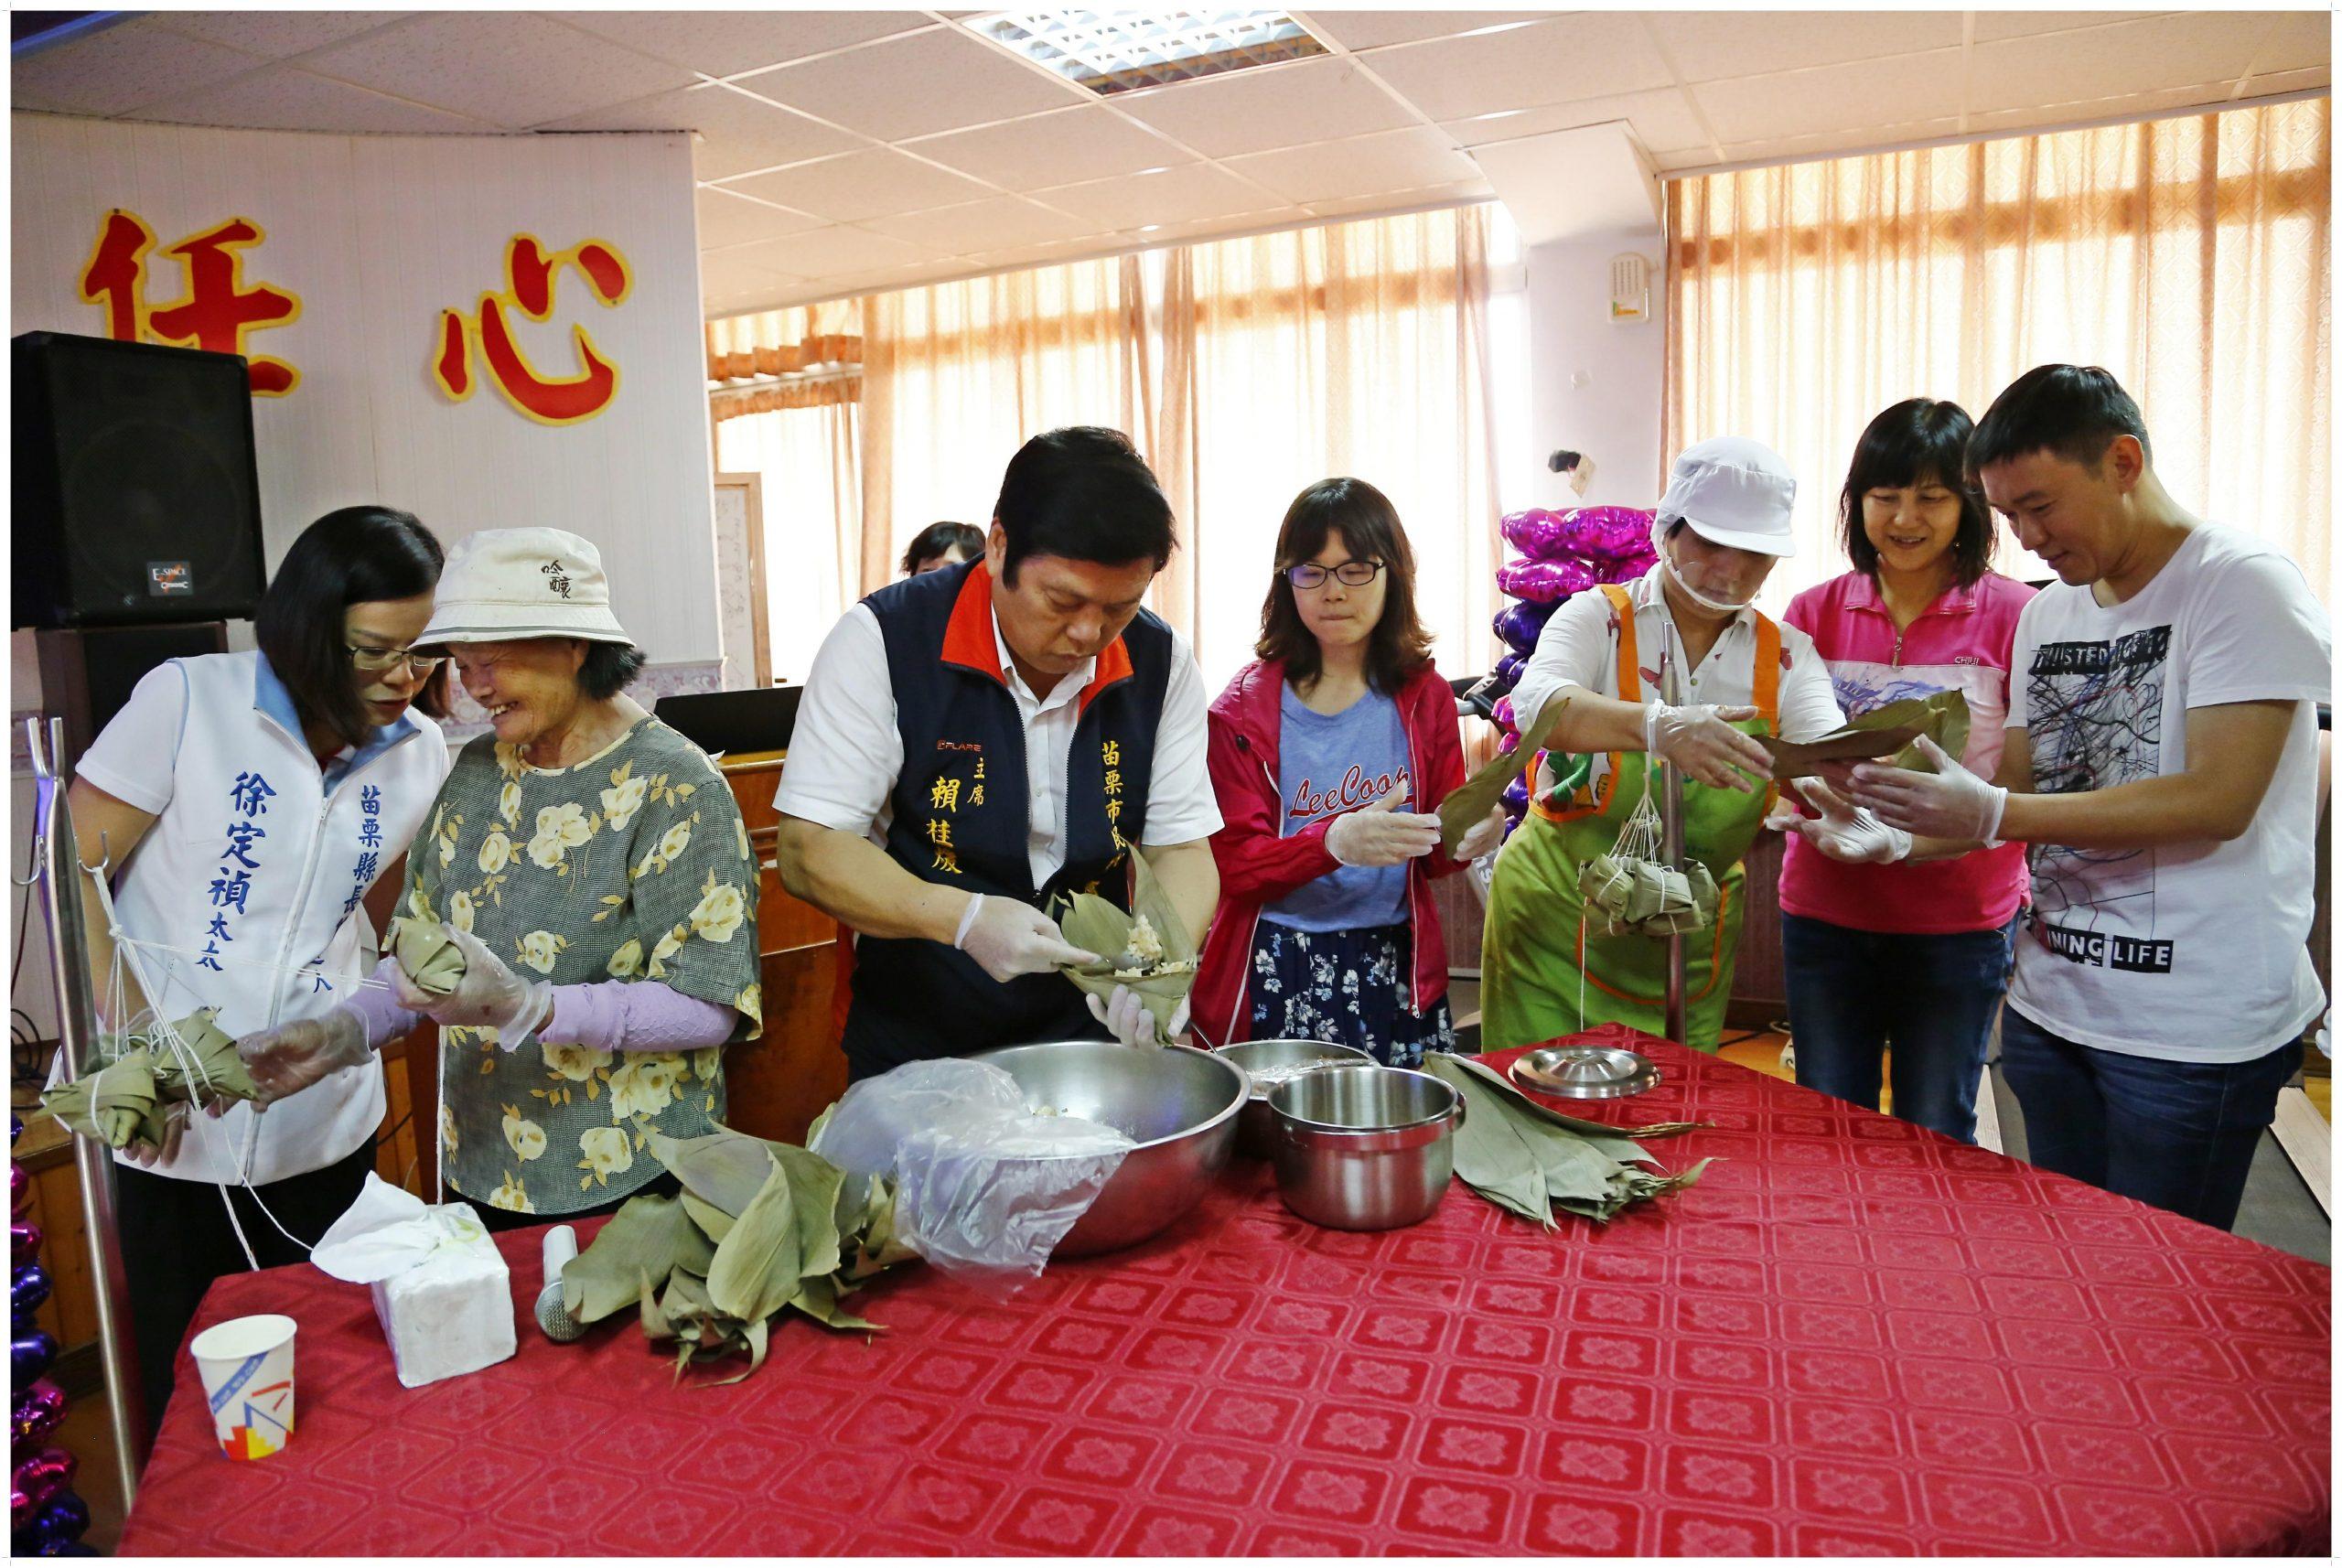 「端午飄香 龍粽登場」 傳統客家粽香味四溢Q彈有勁_宜蘭傳統藝術中心